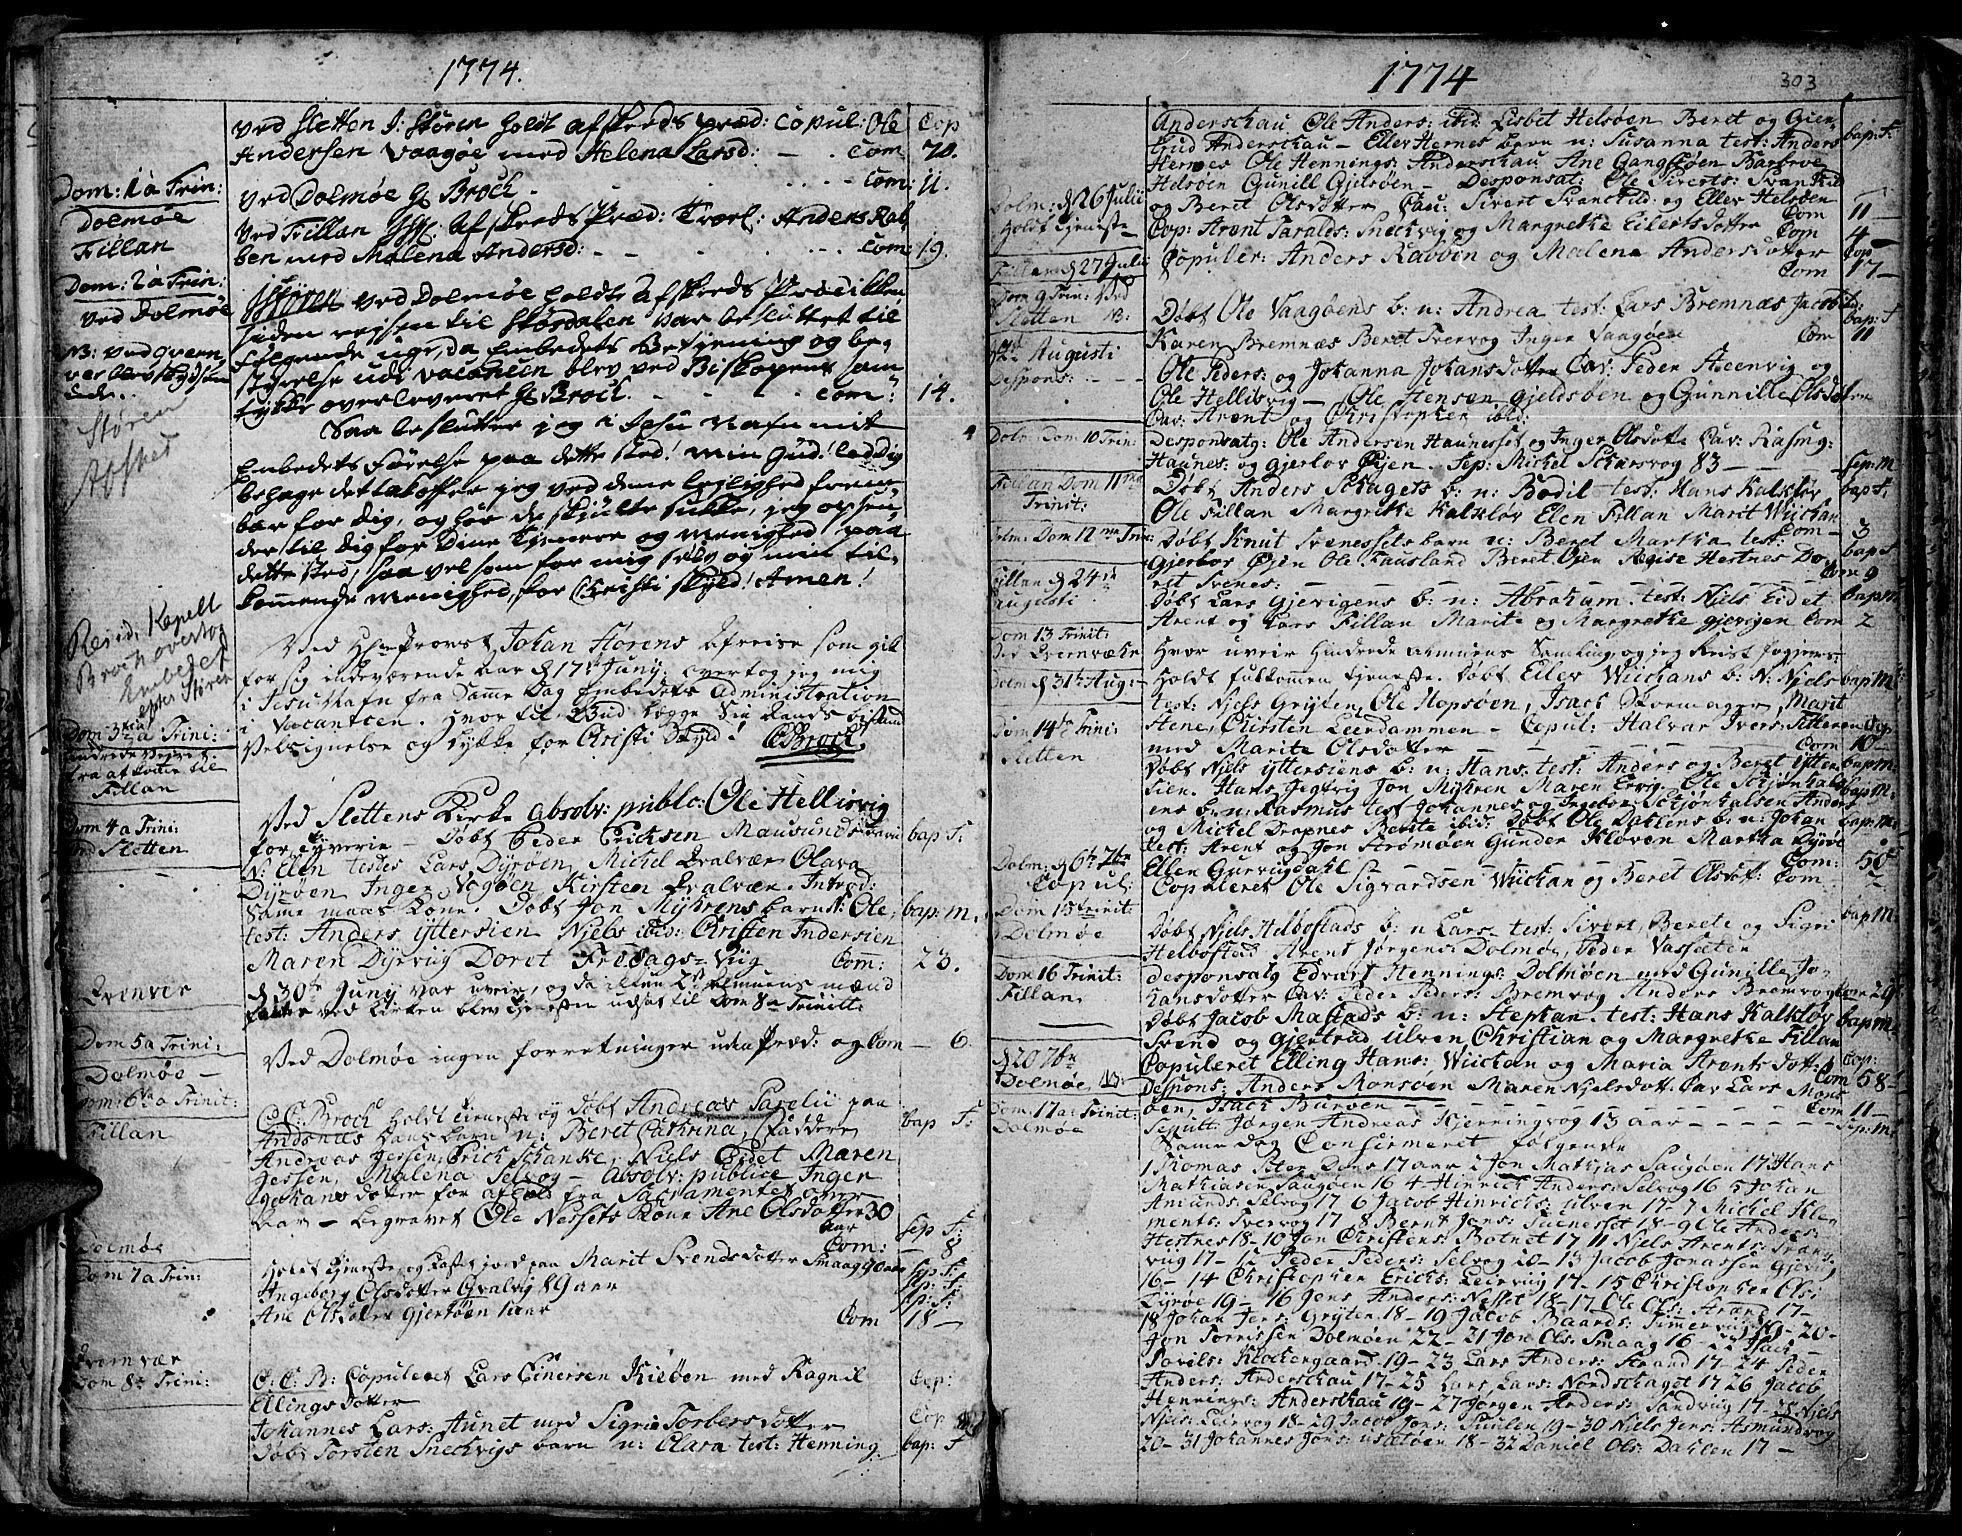 SAT, Ministerialprotokoller, klokkerbøker og fødselsregistre - Sør-Trøndelag, 634/L0525: Ministerialbok nr. 634A01, 1736-1775, s. 303